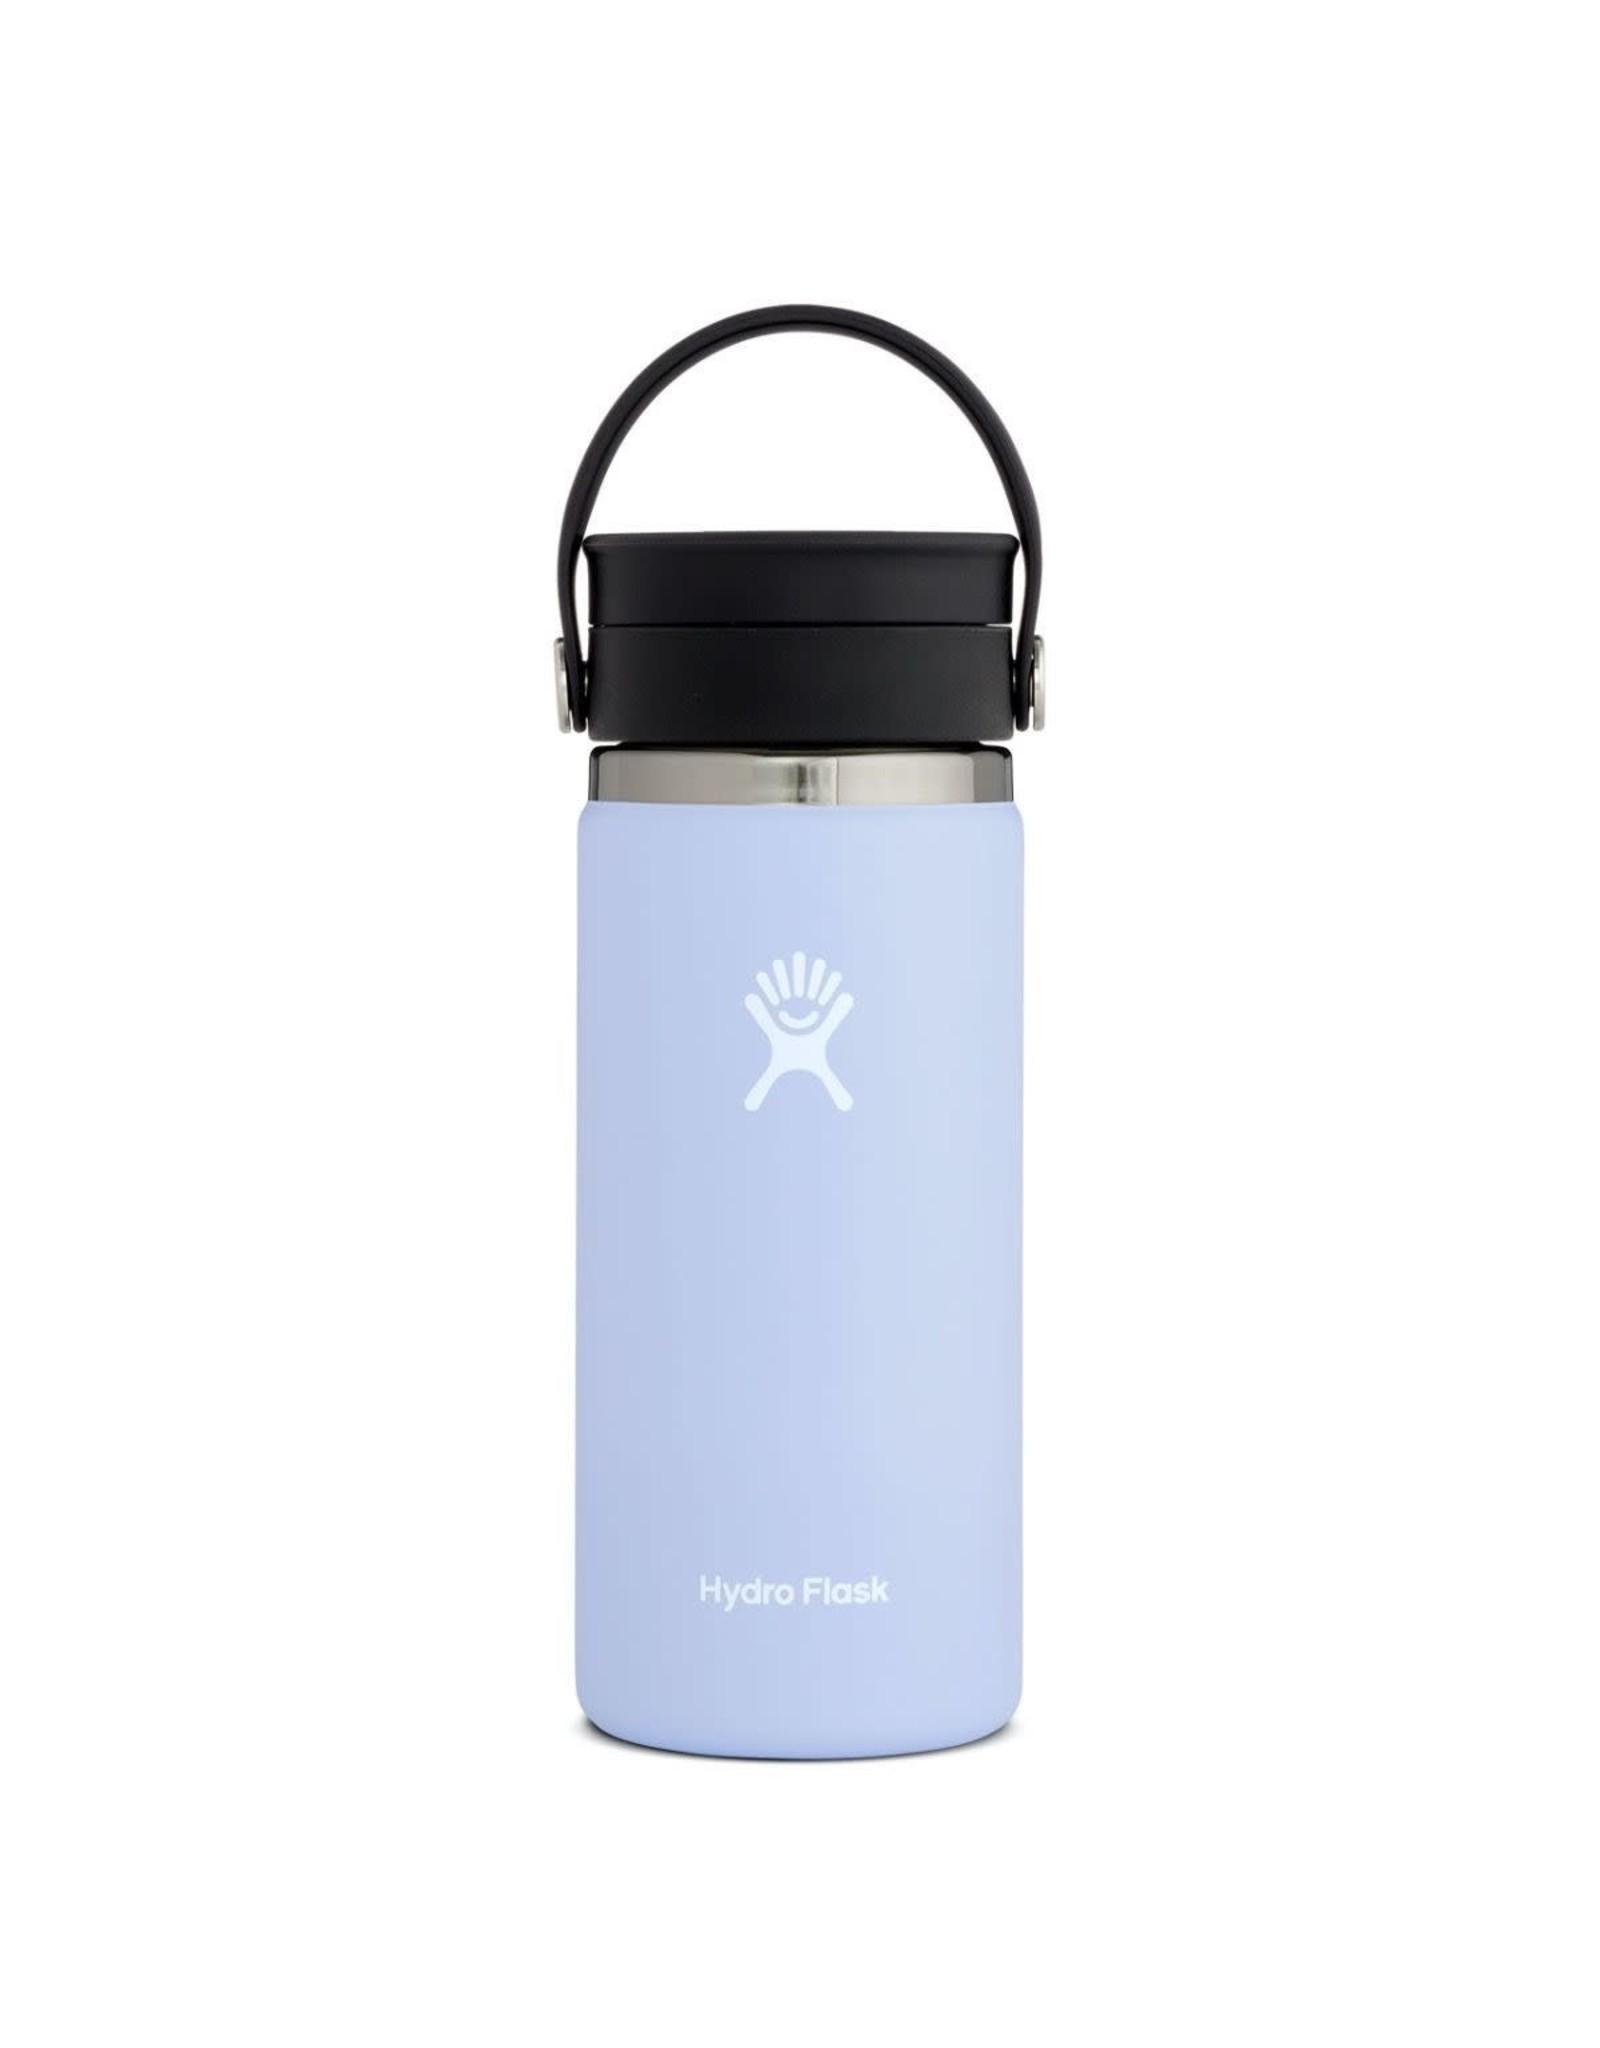 Hydro Flask Hydro Flask 16oz Wide Mouth Flex Sip Lid Fog